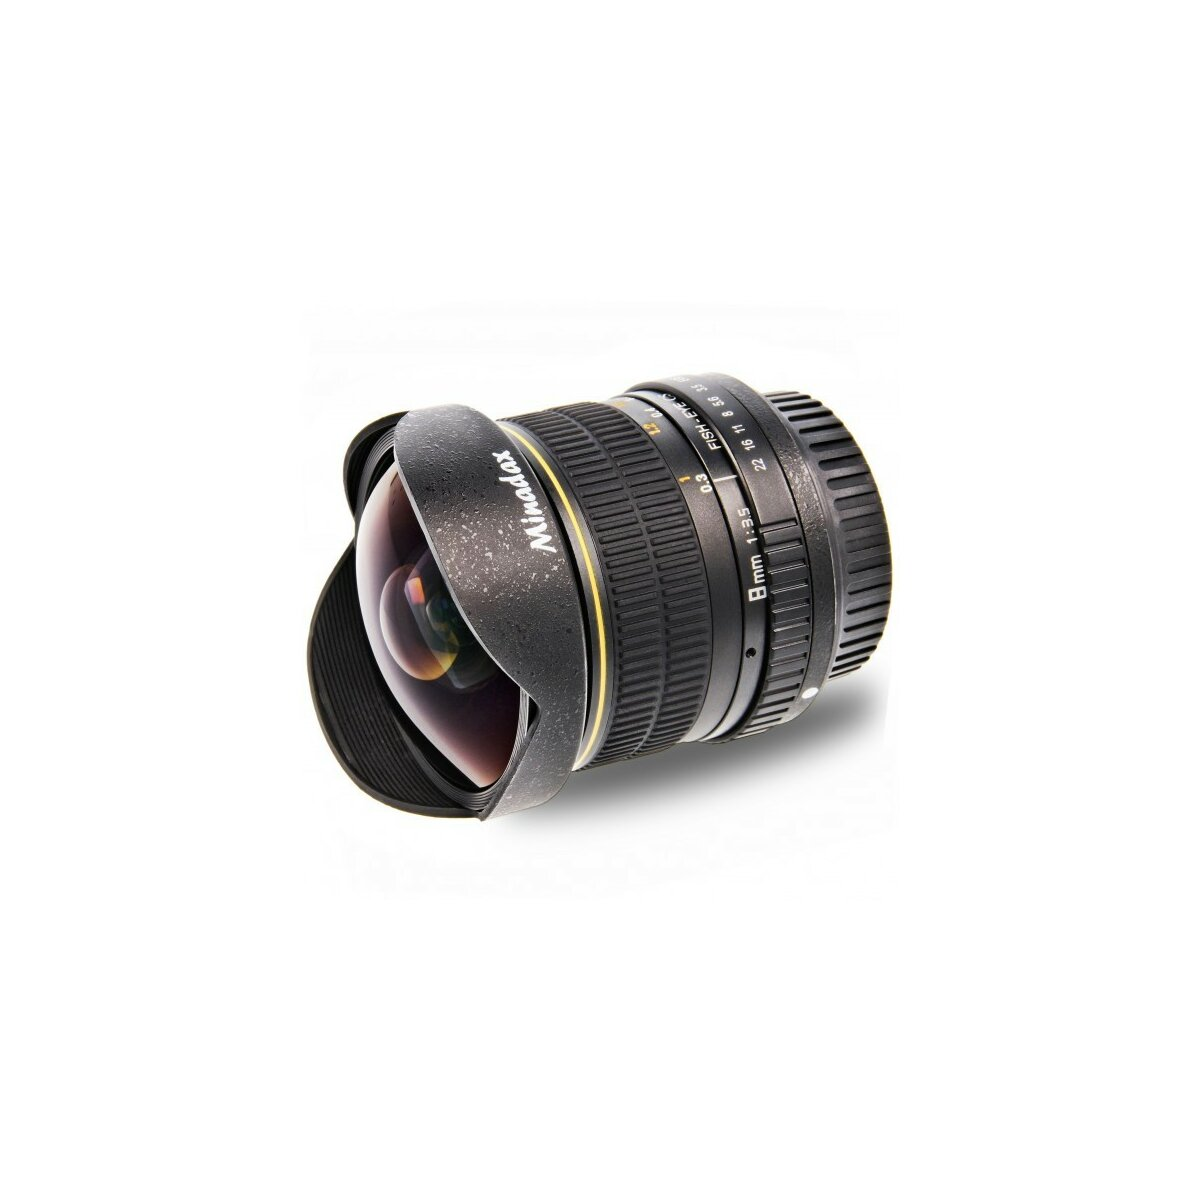 Minadax 8mm 1:3,5 Fisheyeobjektiv kompatibel mit Canon 1100D, 1000D, 650D, 600D, 550D, 500D, 450D, 400D, 350D, 300D, 60D, 50D, 40D, 30D, 20D, 10D + Neopren Objektivbeutel